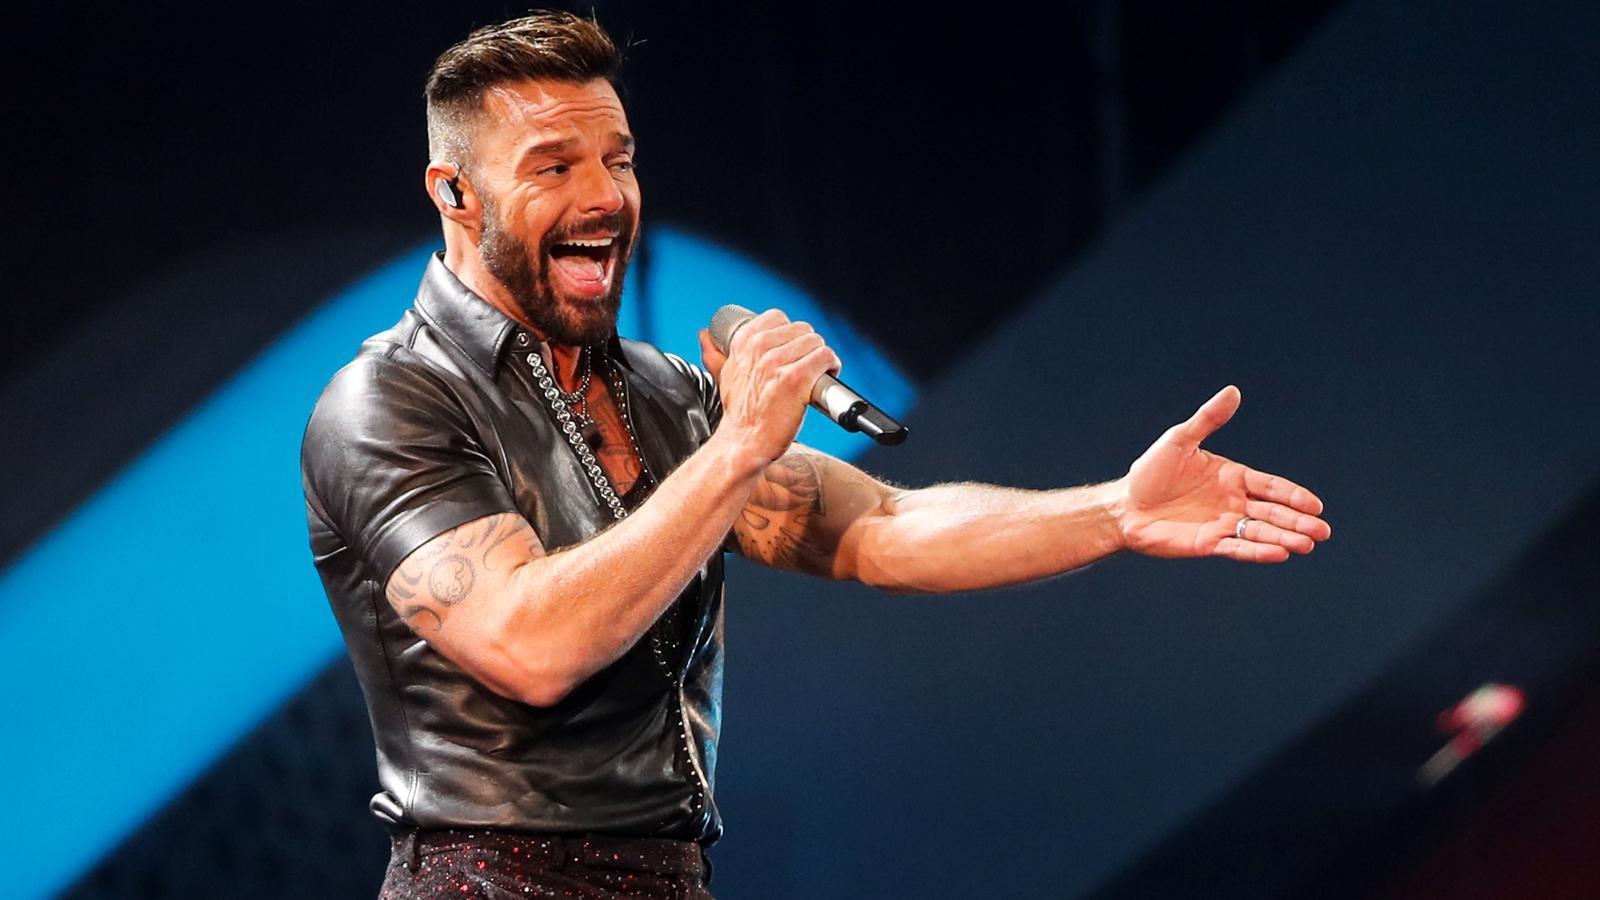 Ricky Martin durant la seva actuació a Viña del Mar, Xile